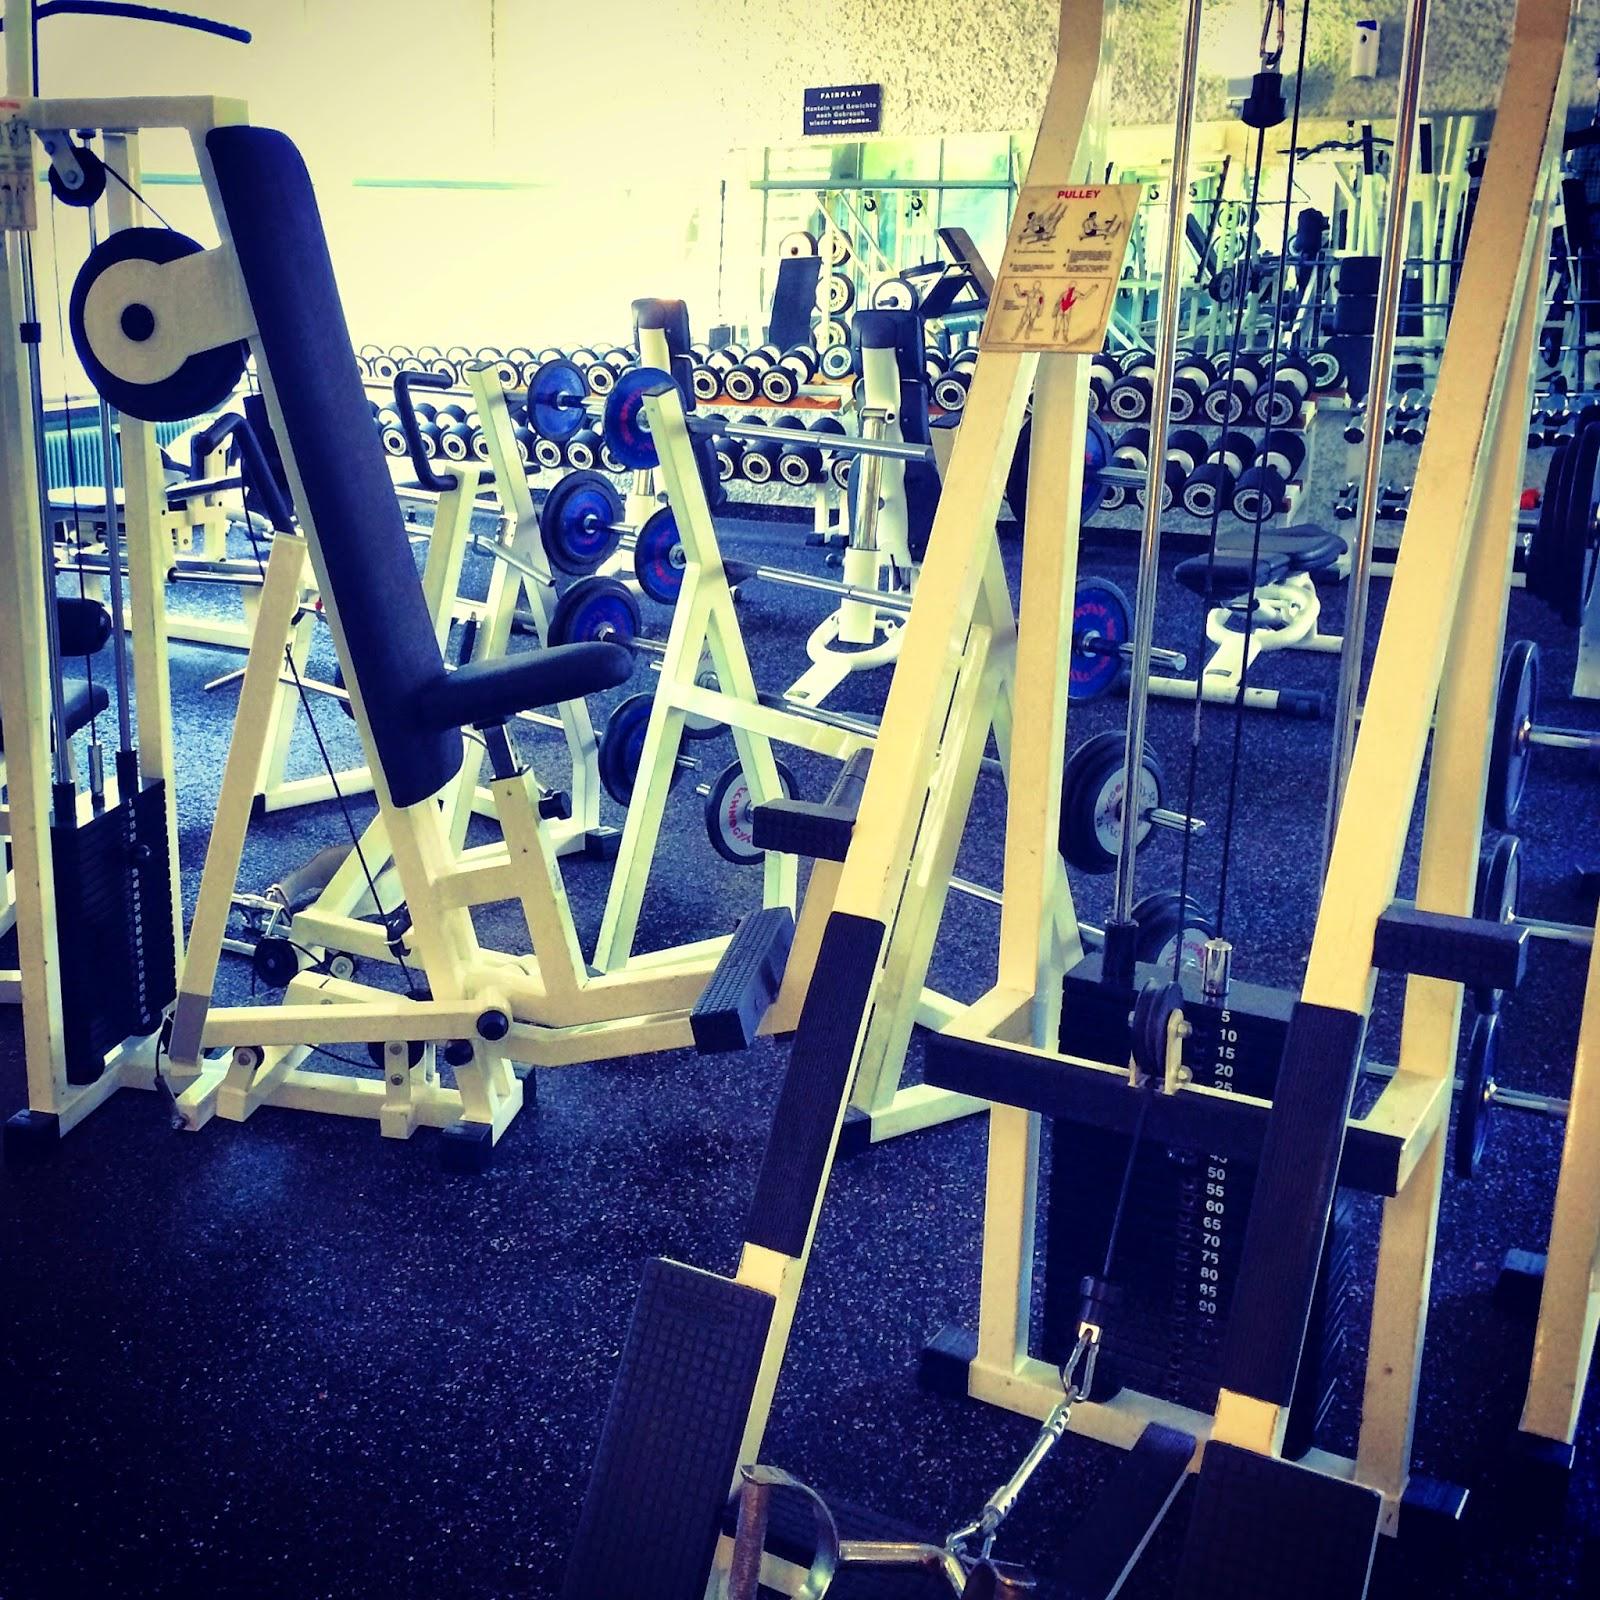 Gym, Muskeln, Hanteln, Spiegel, selbstverliebt, muscles, dumbbells, mirror, self-indulgent